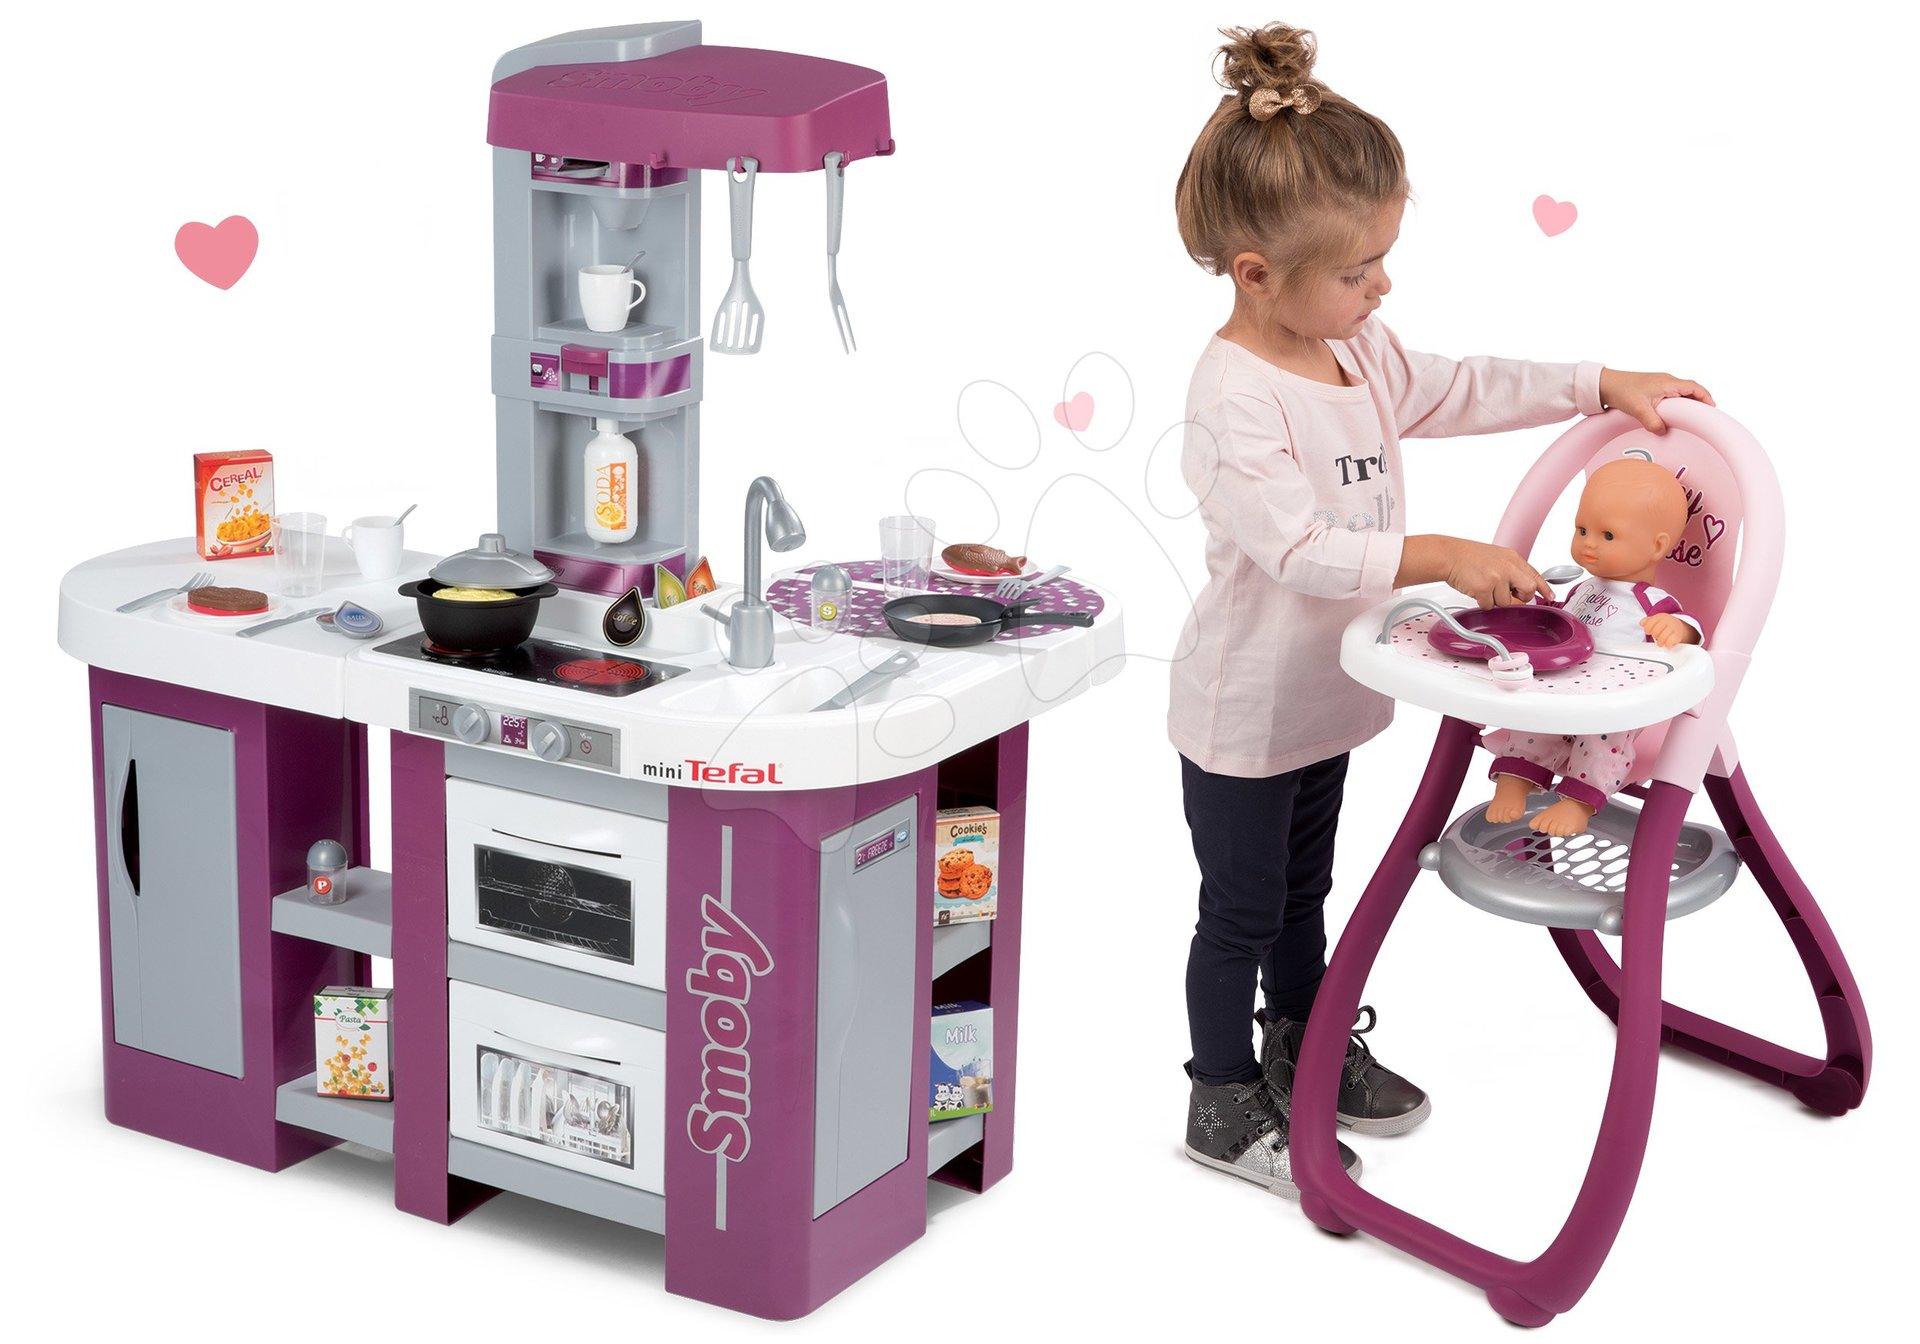 Set kuchyňka Tefal Studio XL Smoby s myčkou, lednicí, jídelní židle Baby Nurse